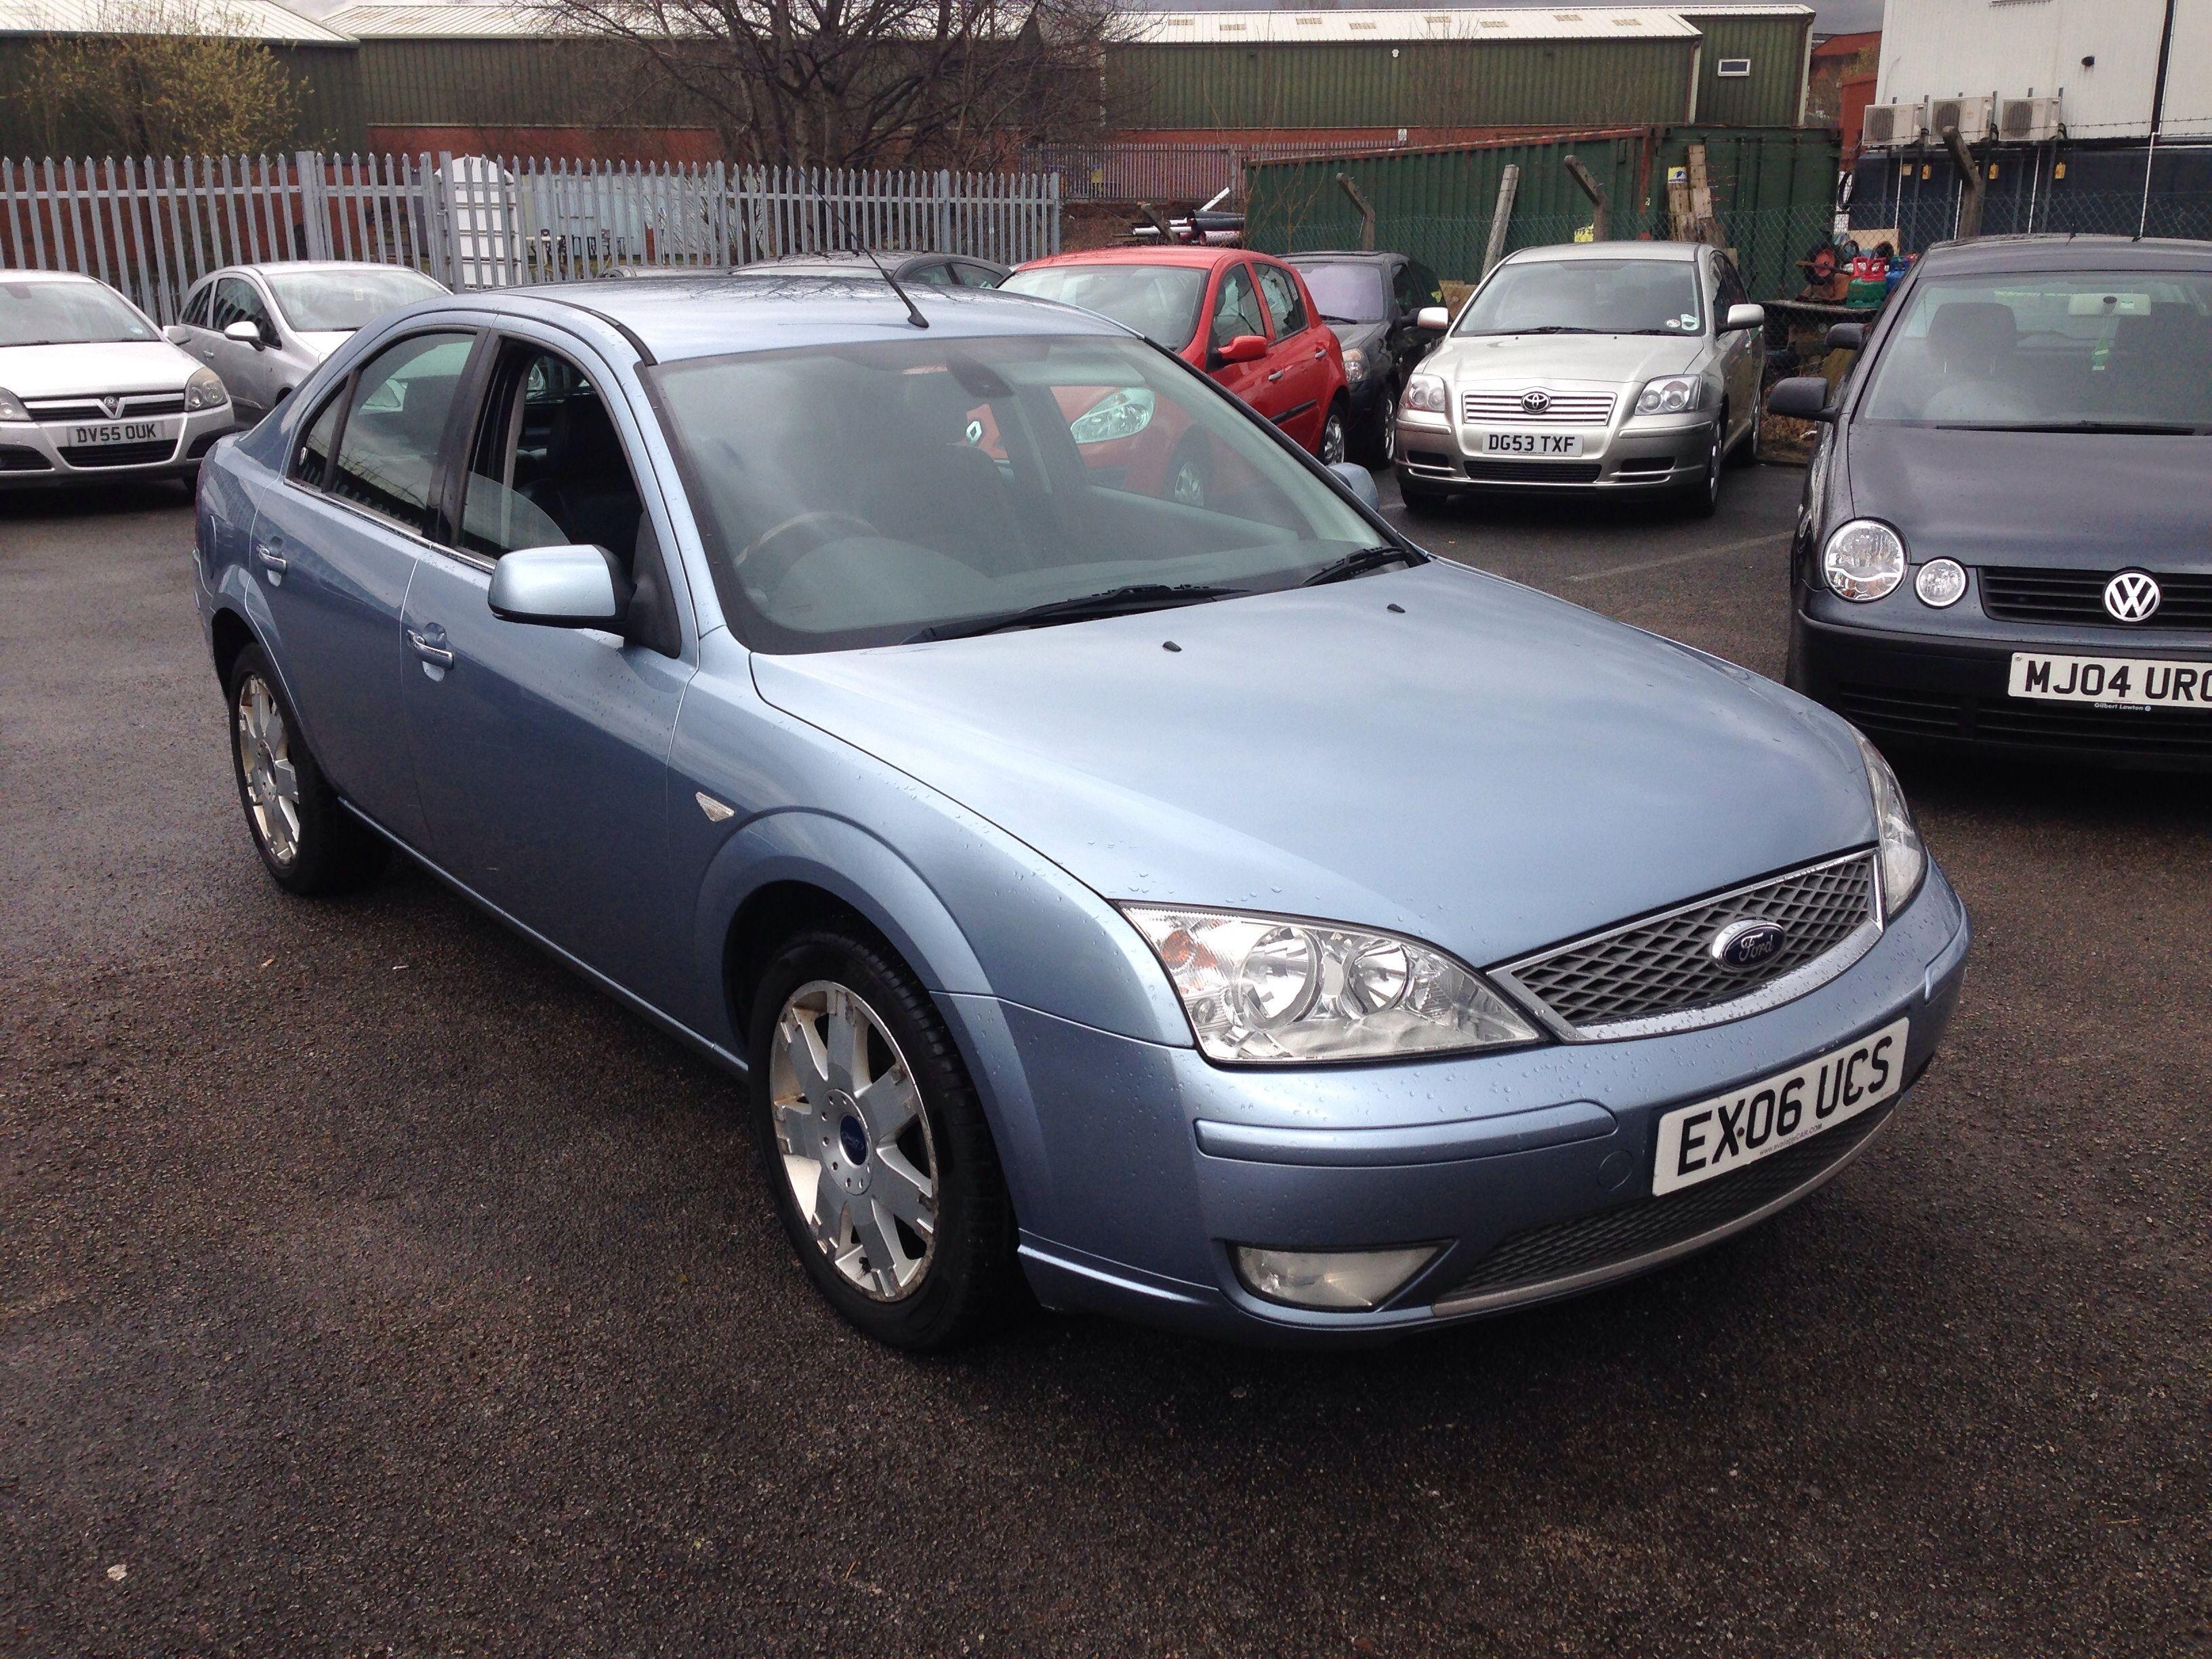 CAR FOR SALE *** Complete Good Cars Sales Ltd | Bury | Lancashire ...